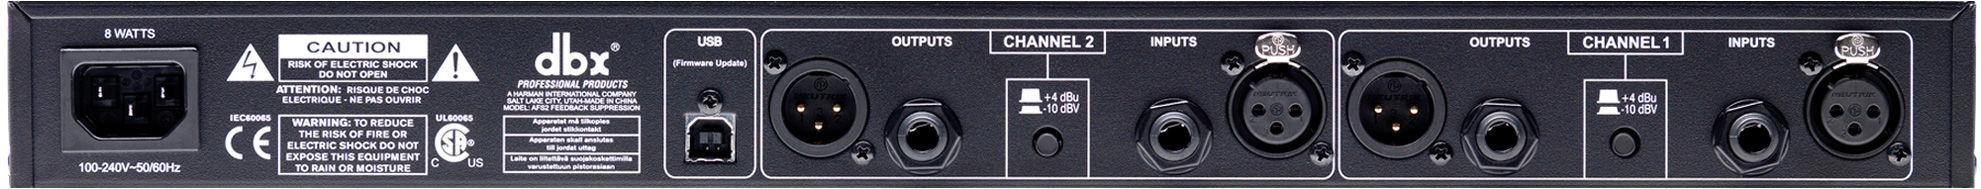 DBX AFS2 Dual channel Advanced Feedback Suppression